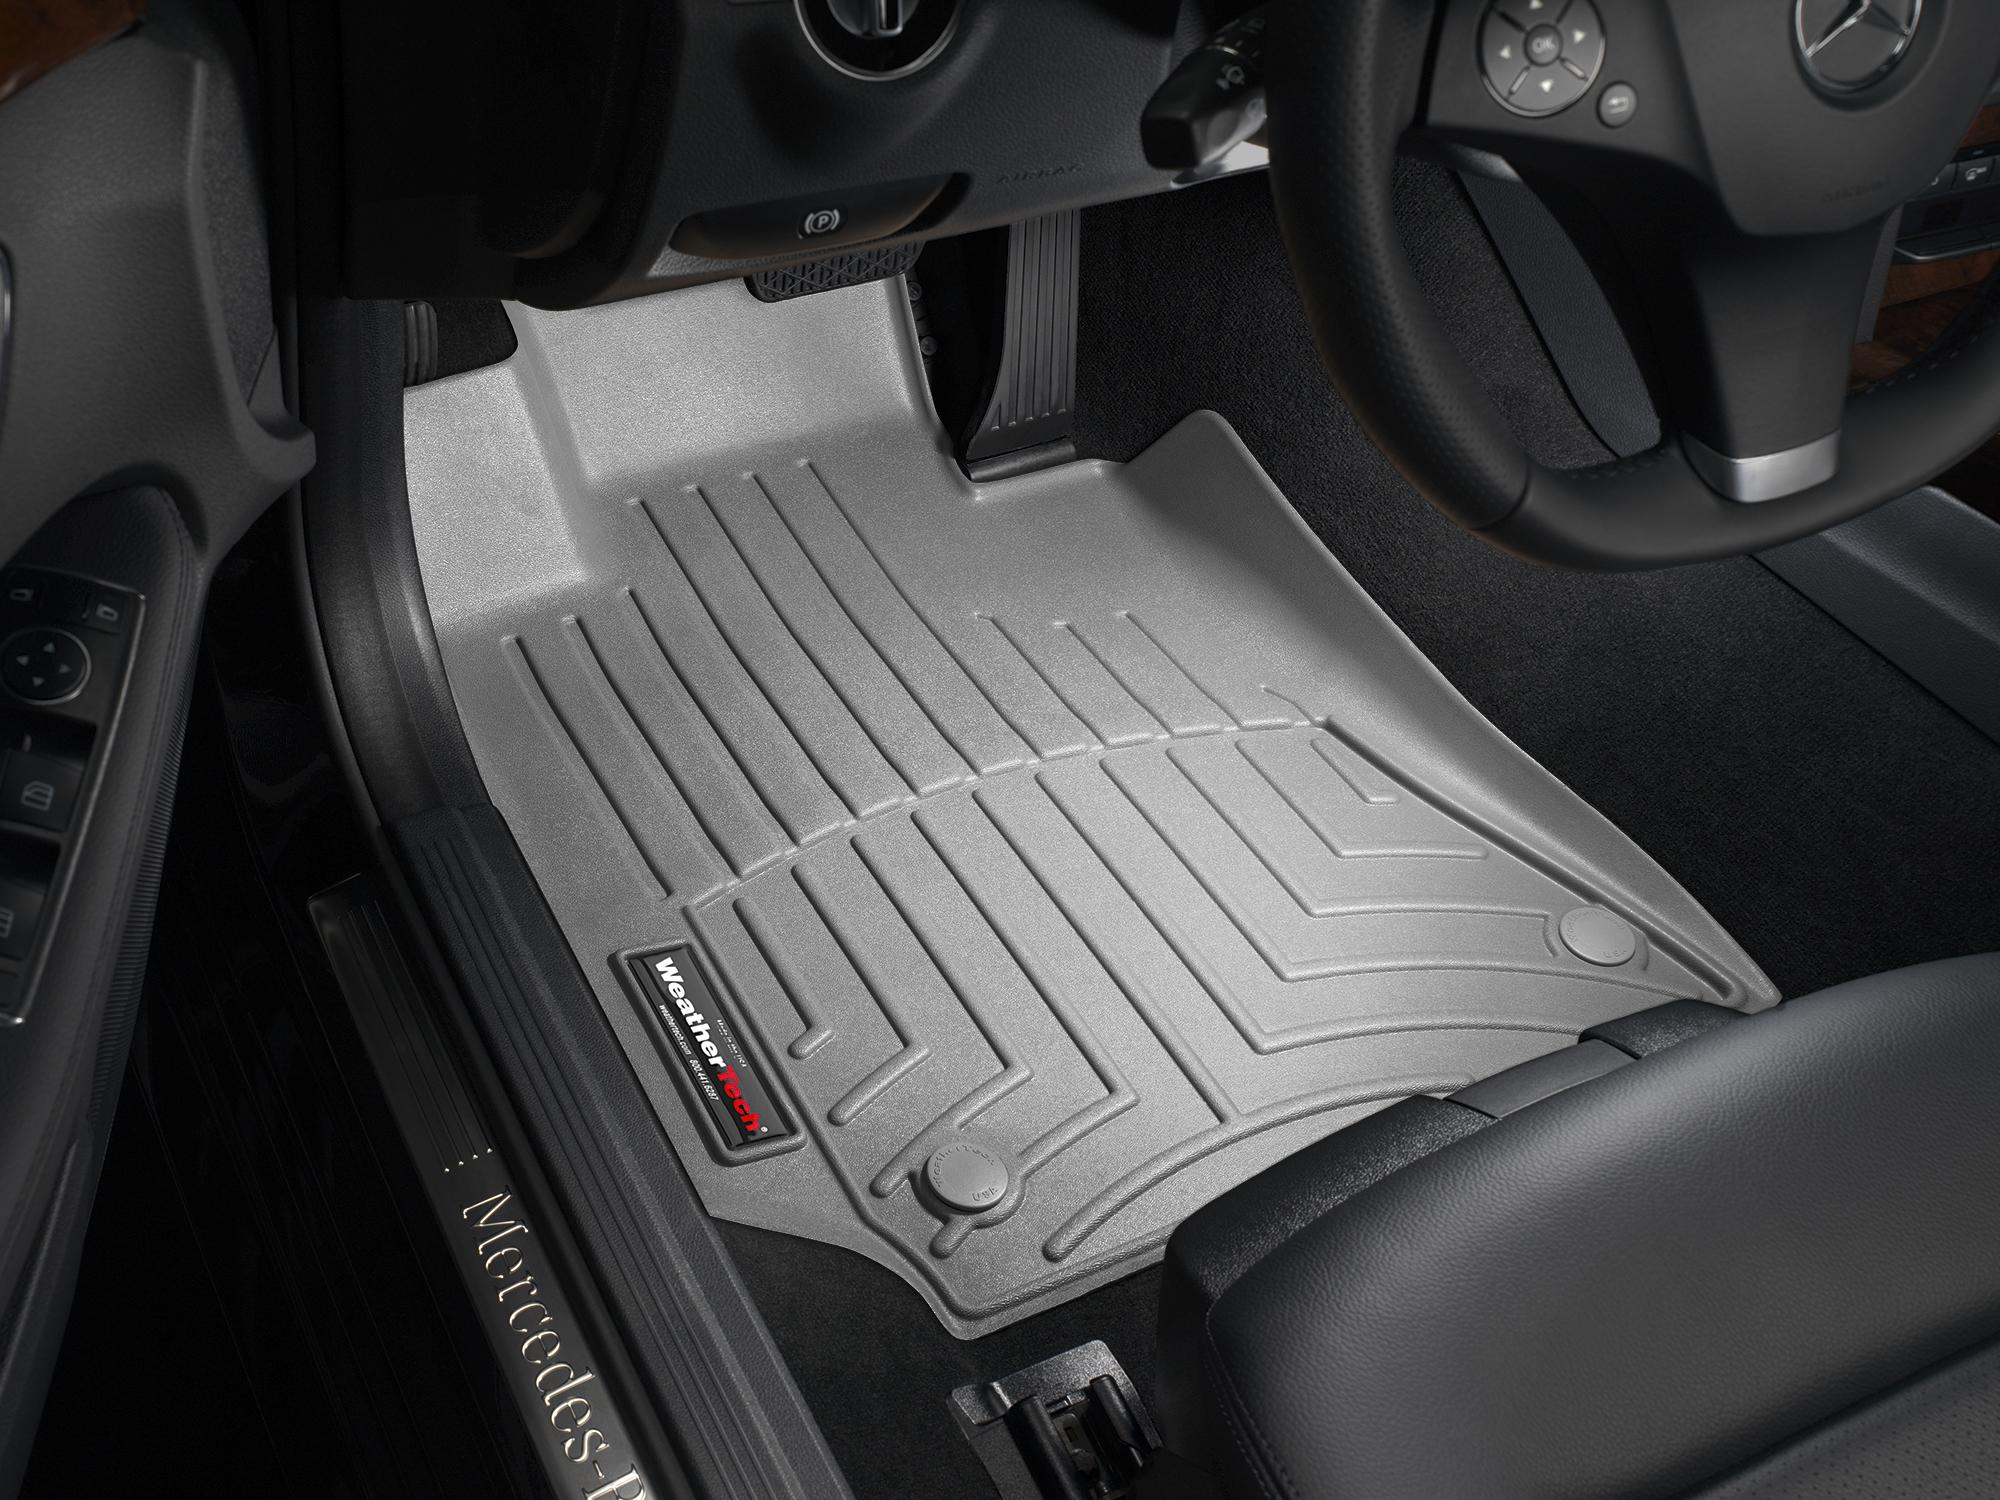 Tappeti gomma su misura bordo alto Mercedes CLS-Class 15>17 Grigio A2341*